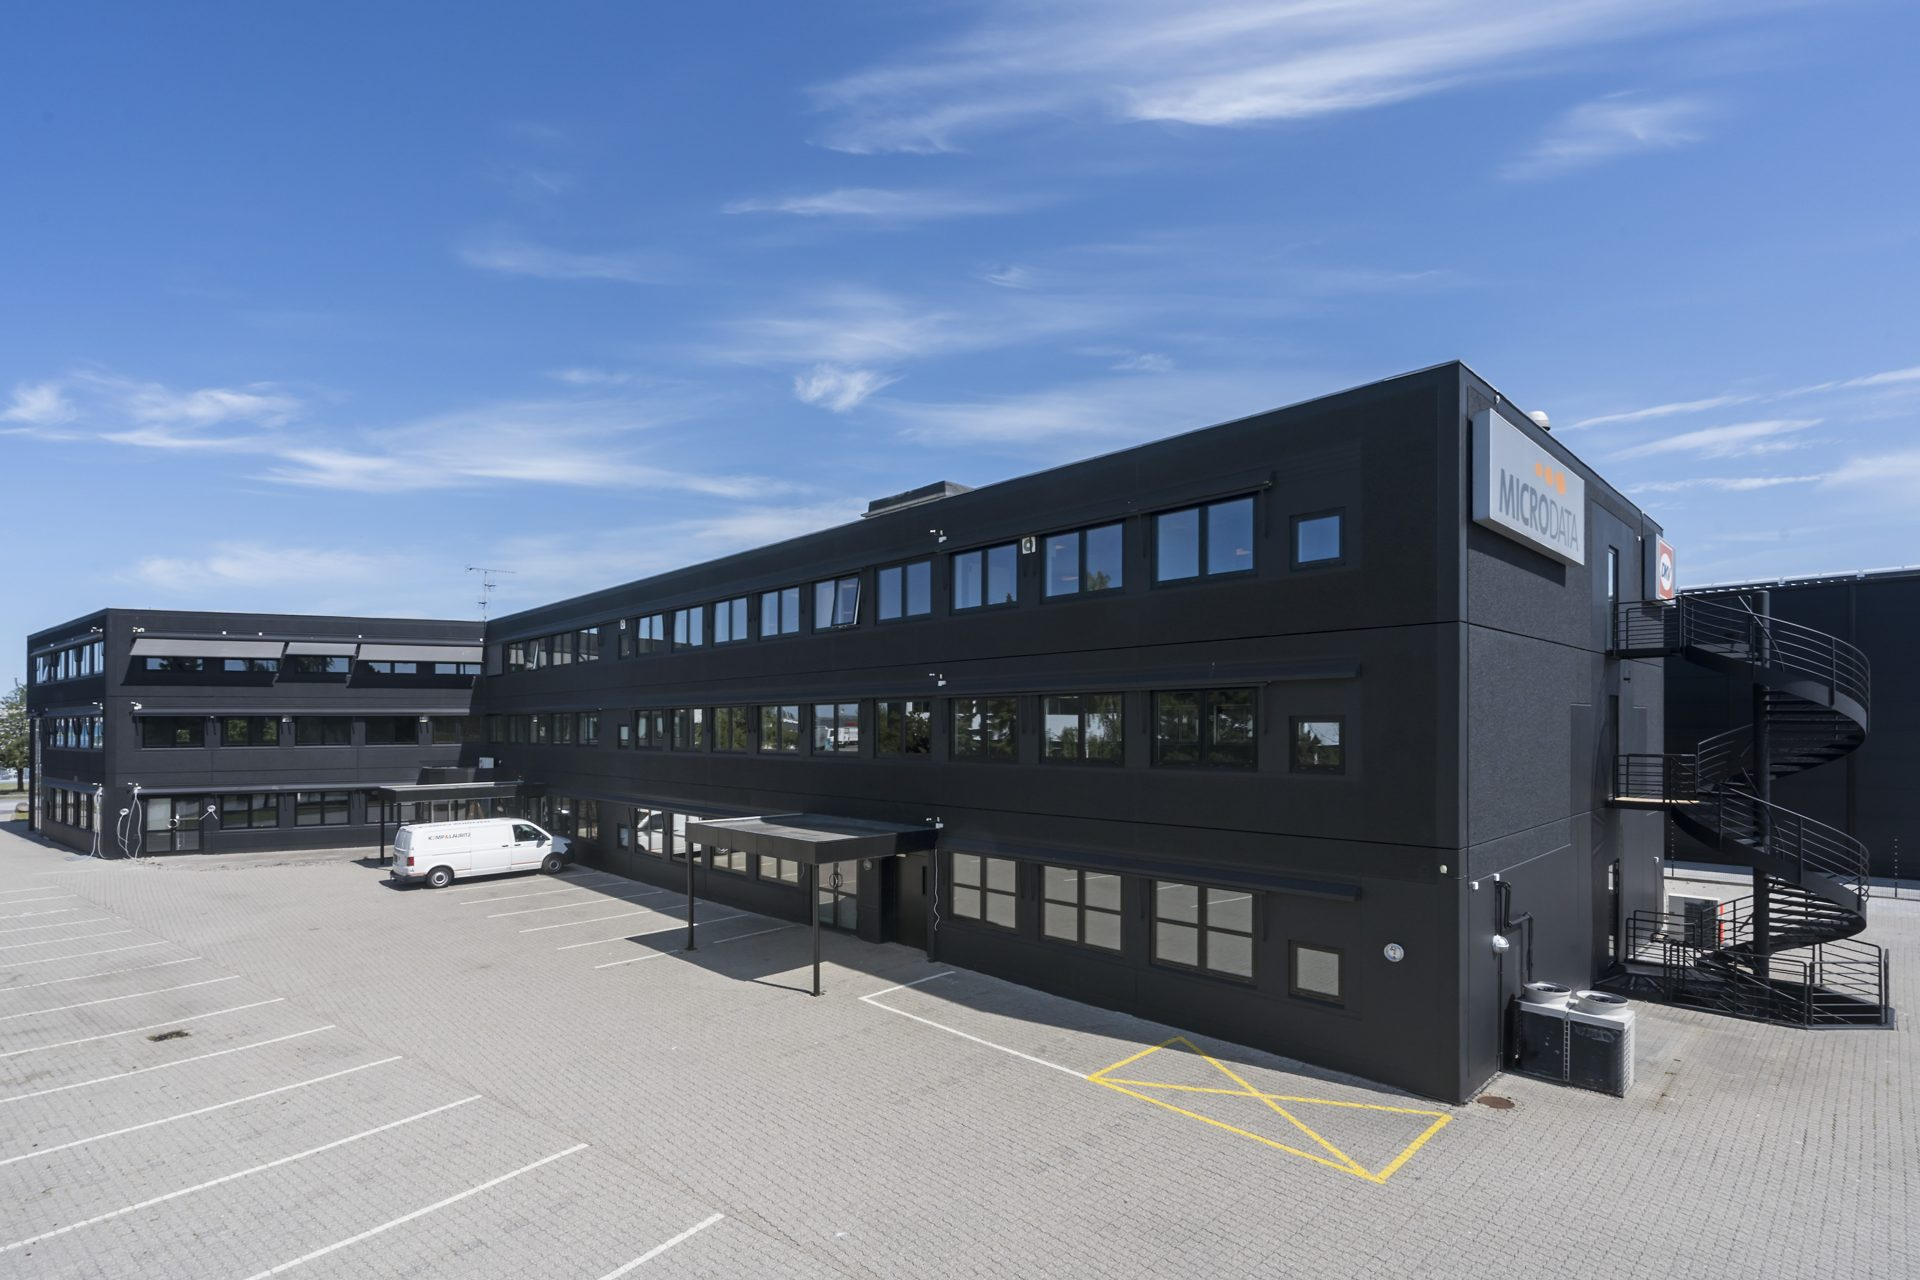 Vallensbækvej 45, 2605 Brøndby